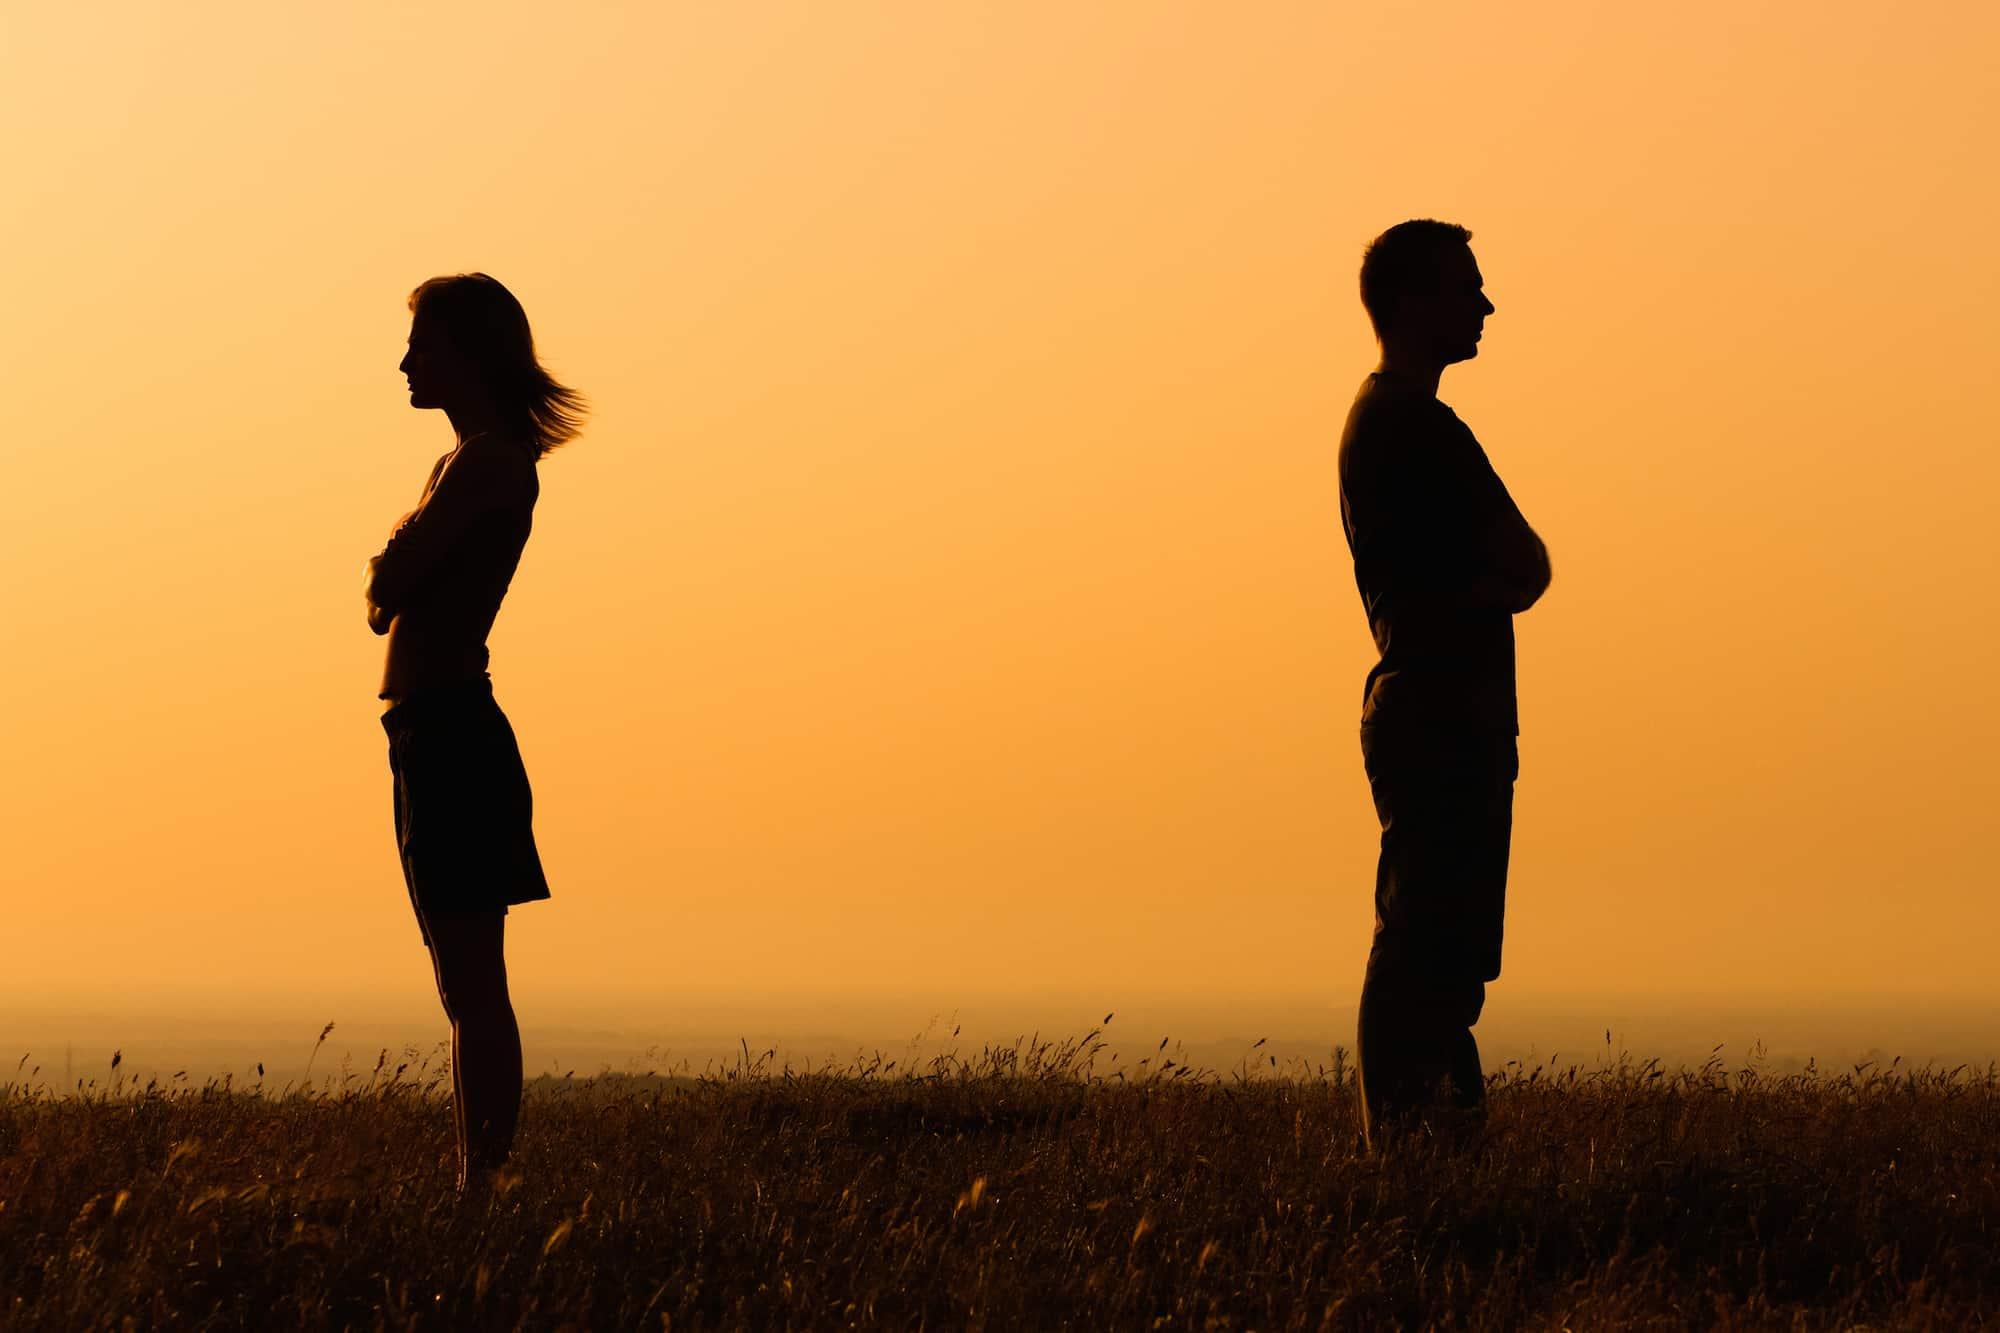 0a4c151f6ba09 علامات الزوجة النكدية وكيفية التعامل معها - موسوعة